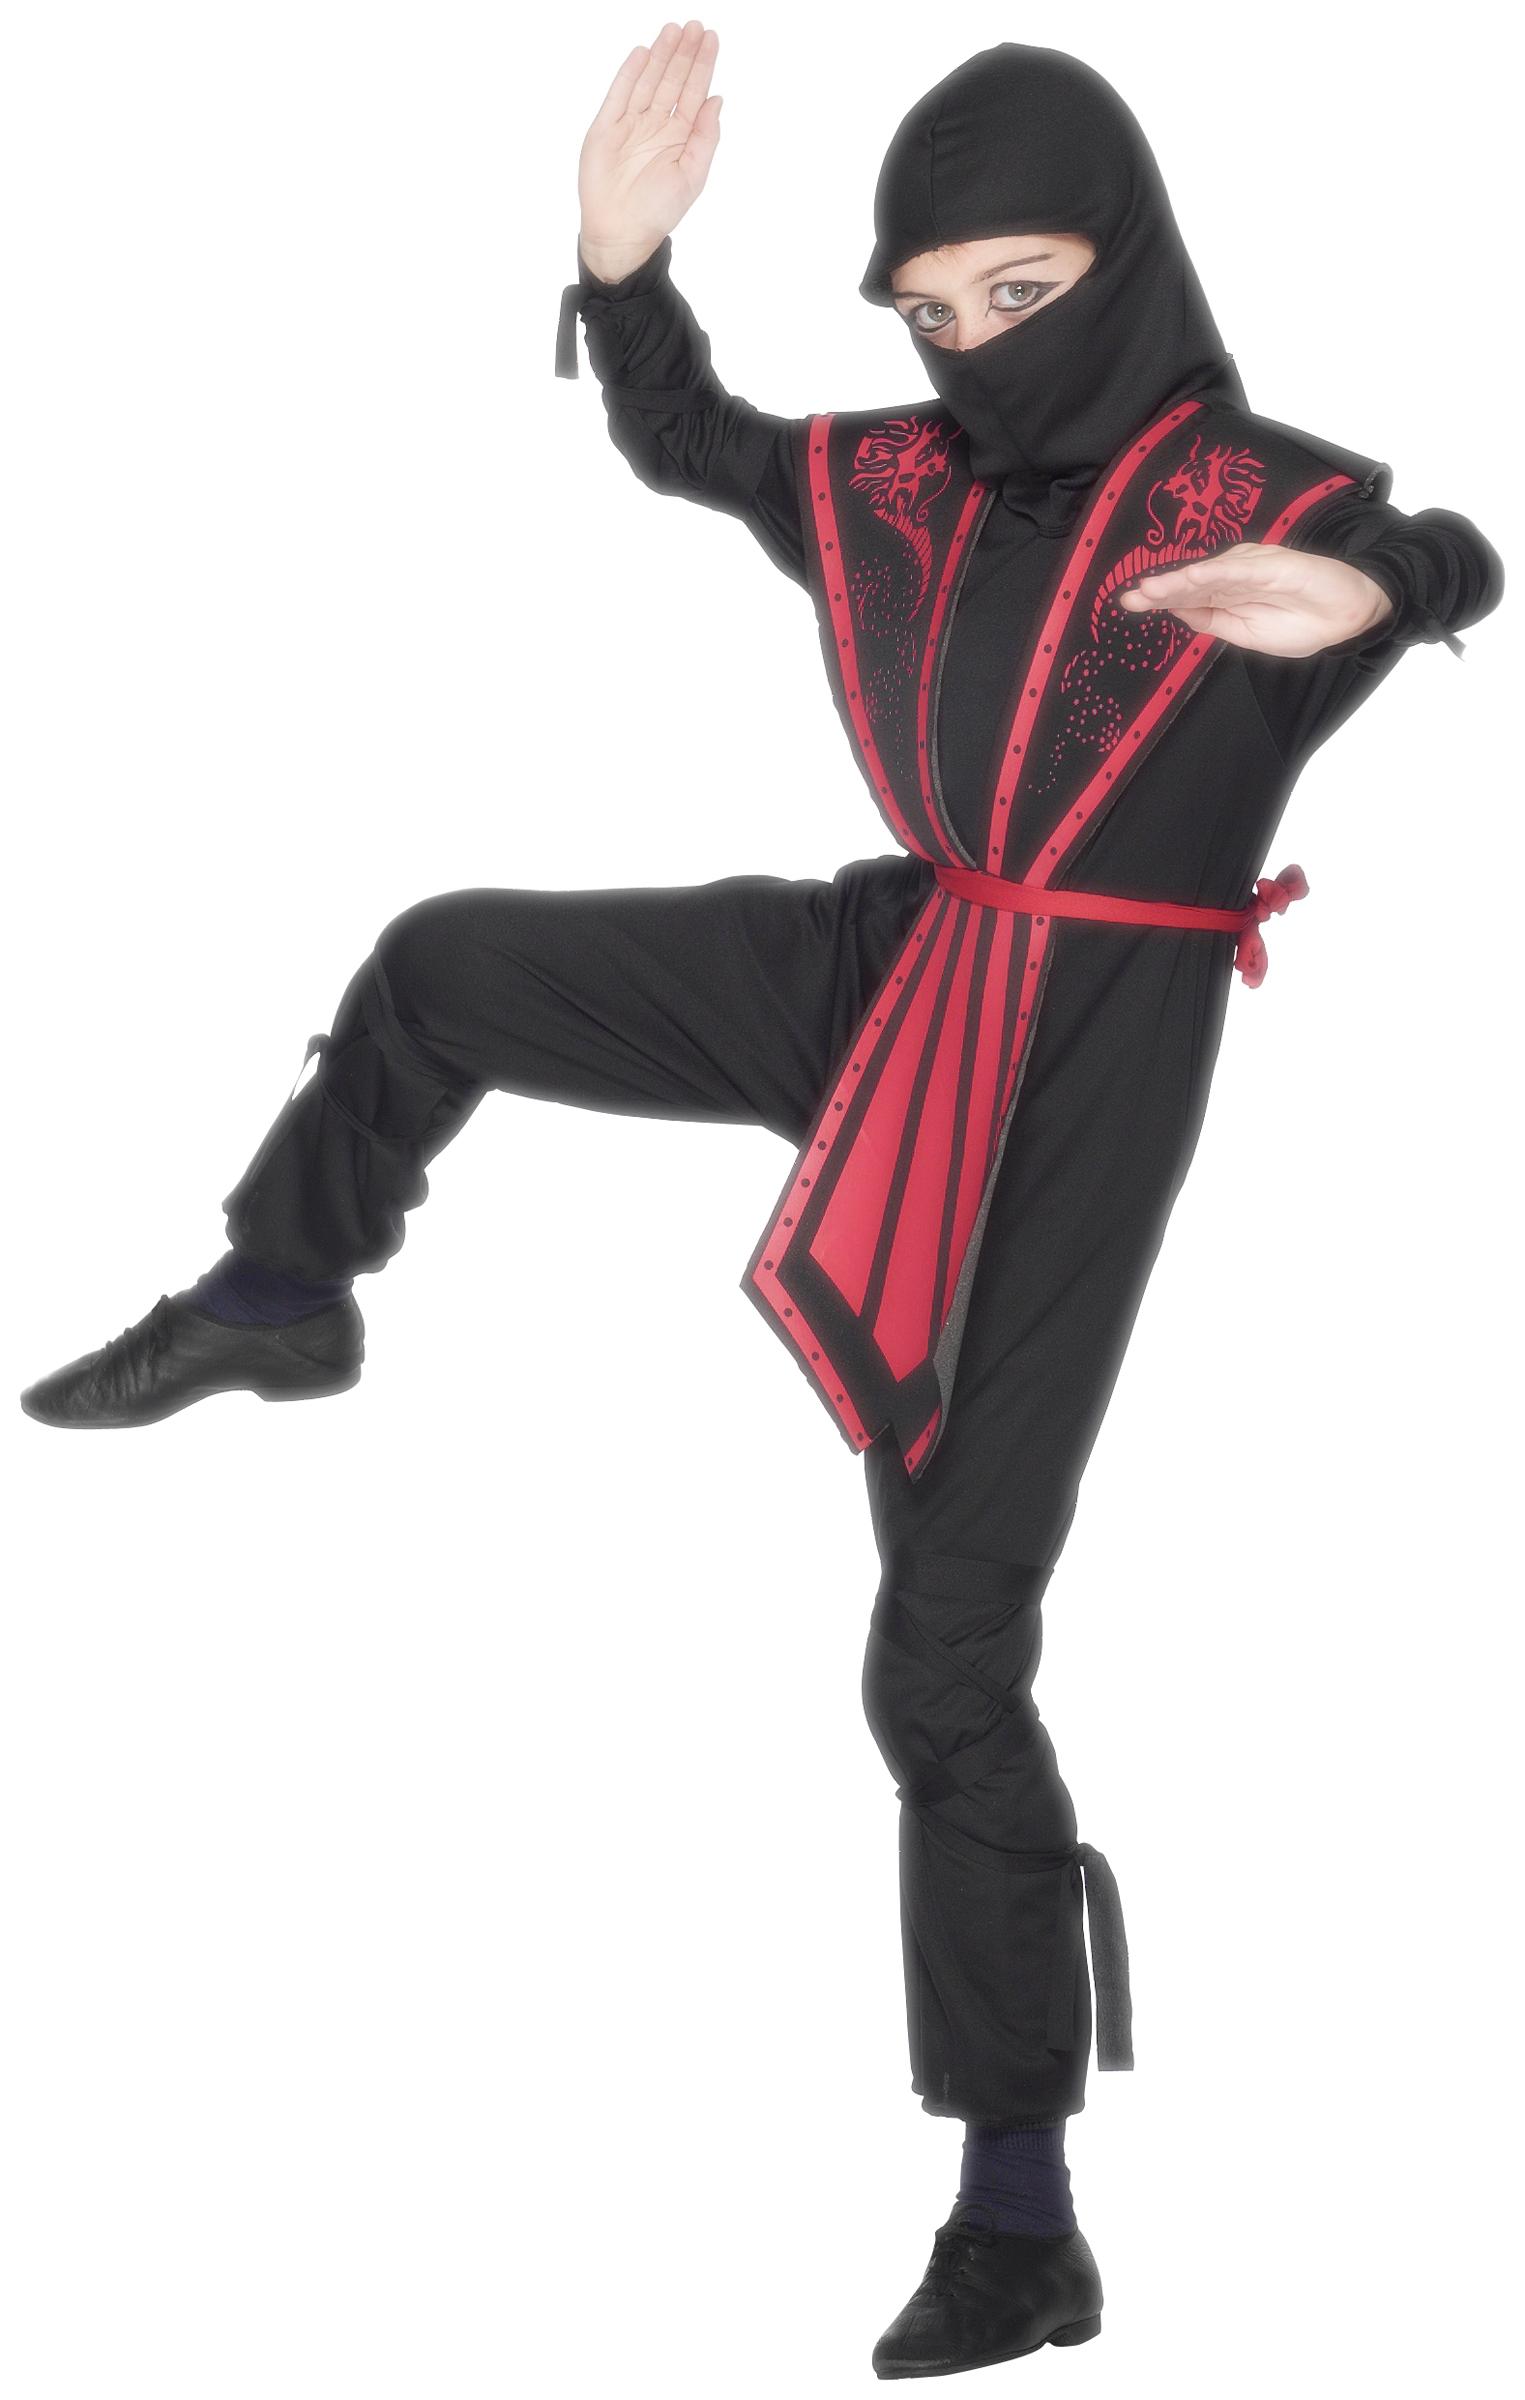 ninja kinder kost m schwarz rot g nstige faschings kost me bei karneval megastore. Black Bedroom Furniture Sets. Home Design Ideas